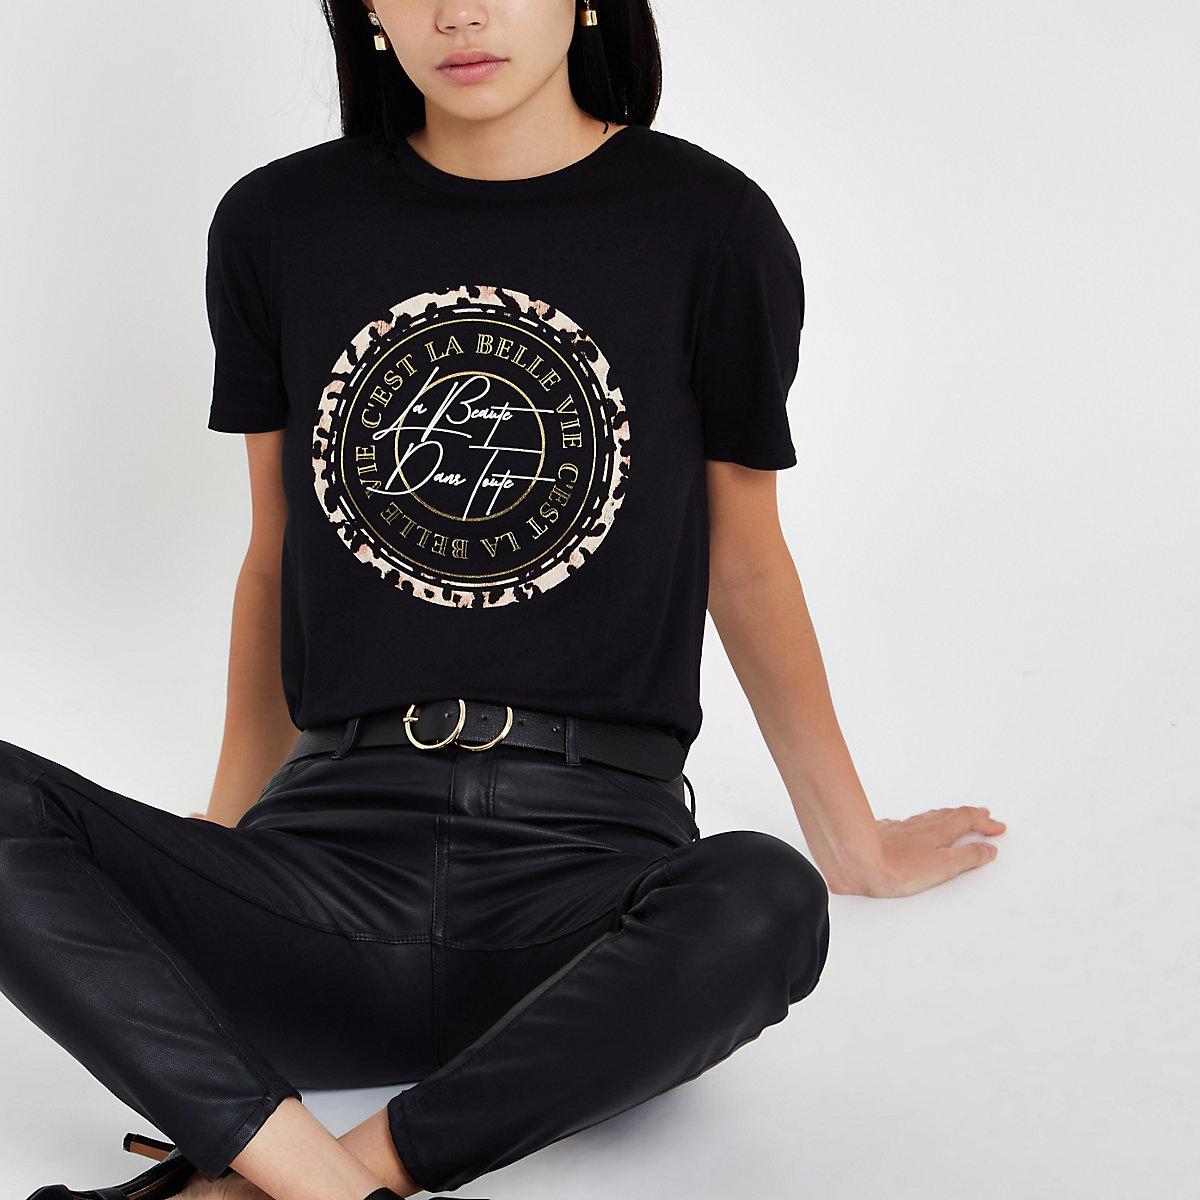 Zwart T-shirt met 'C'est la belle'- en cirkelvormige print